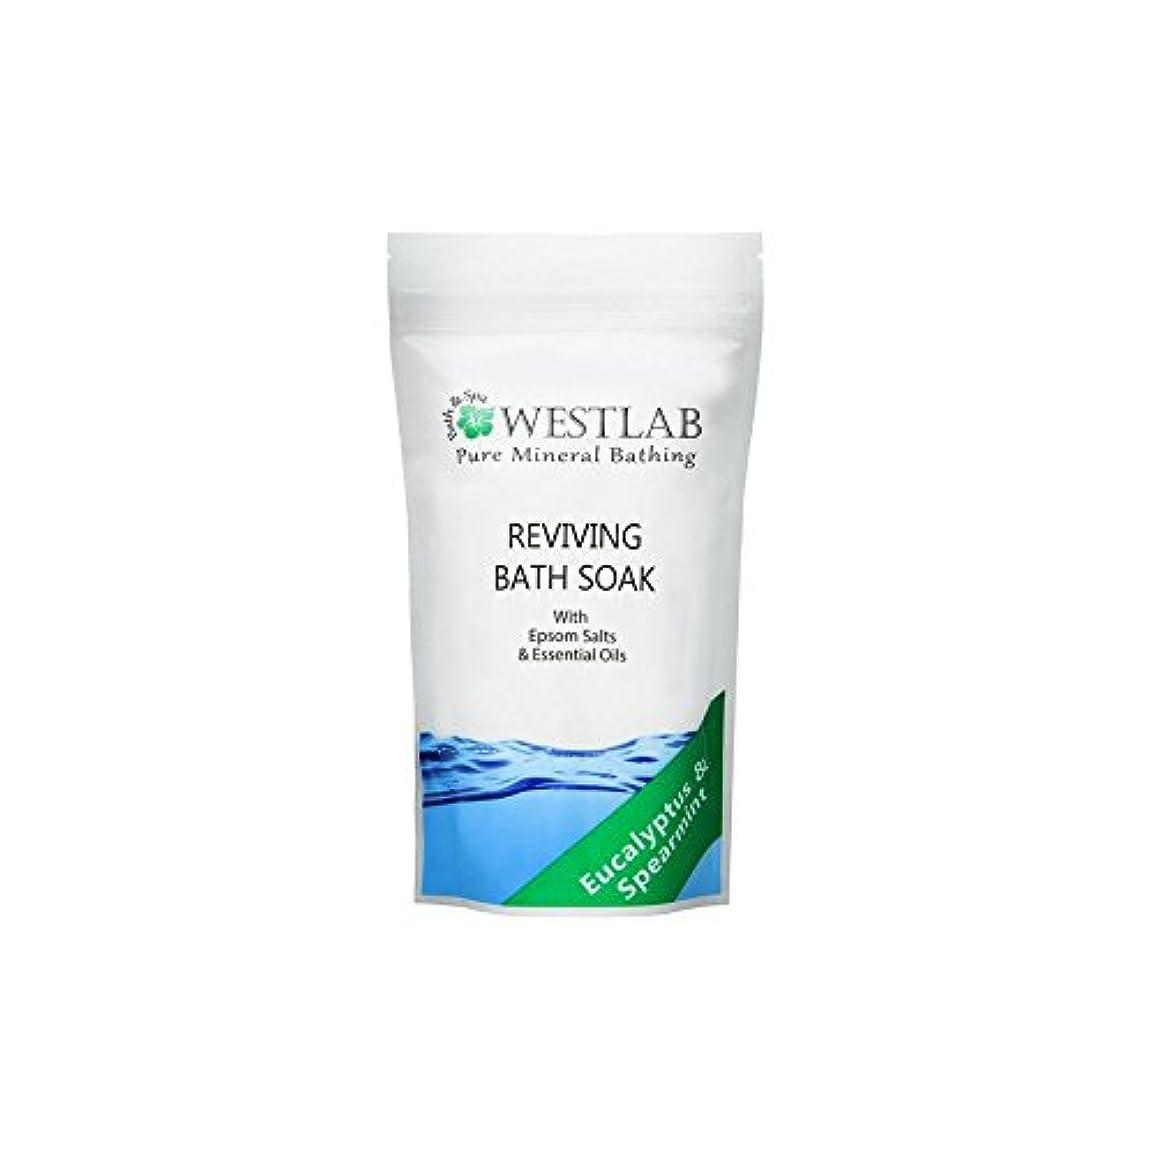 詩懇願する拒絶Westlab Revive Epsom Salt Bath Soak (500g) (Pack of 6) - (500グラム)をソークエプソム塩浴を復活させます x6 [並行輸入品]